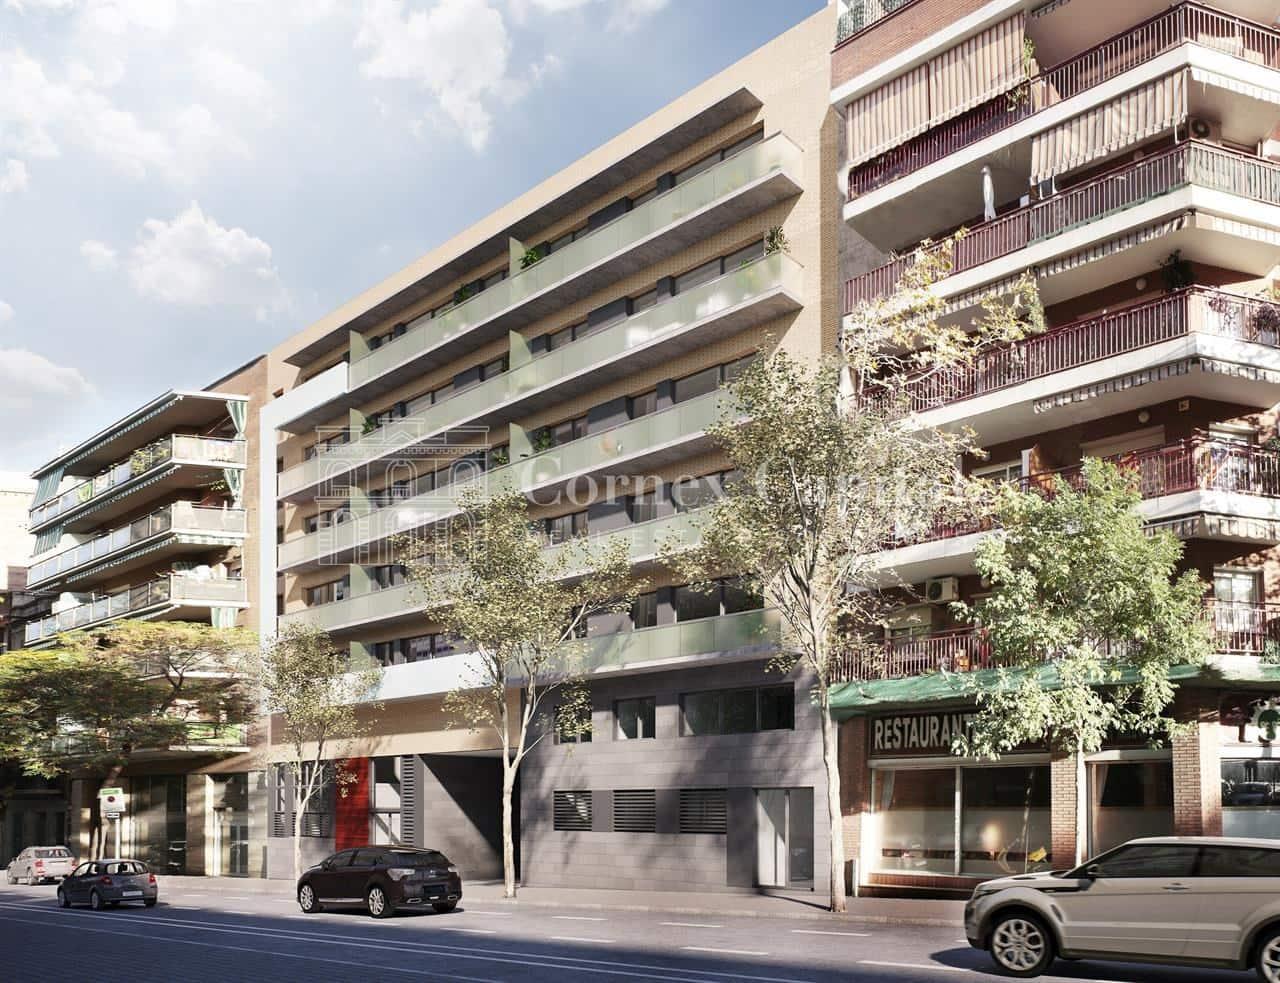 Garagem para venda em Barcelona cidade - 17 000 € (Ref: 5837623)